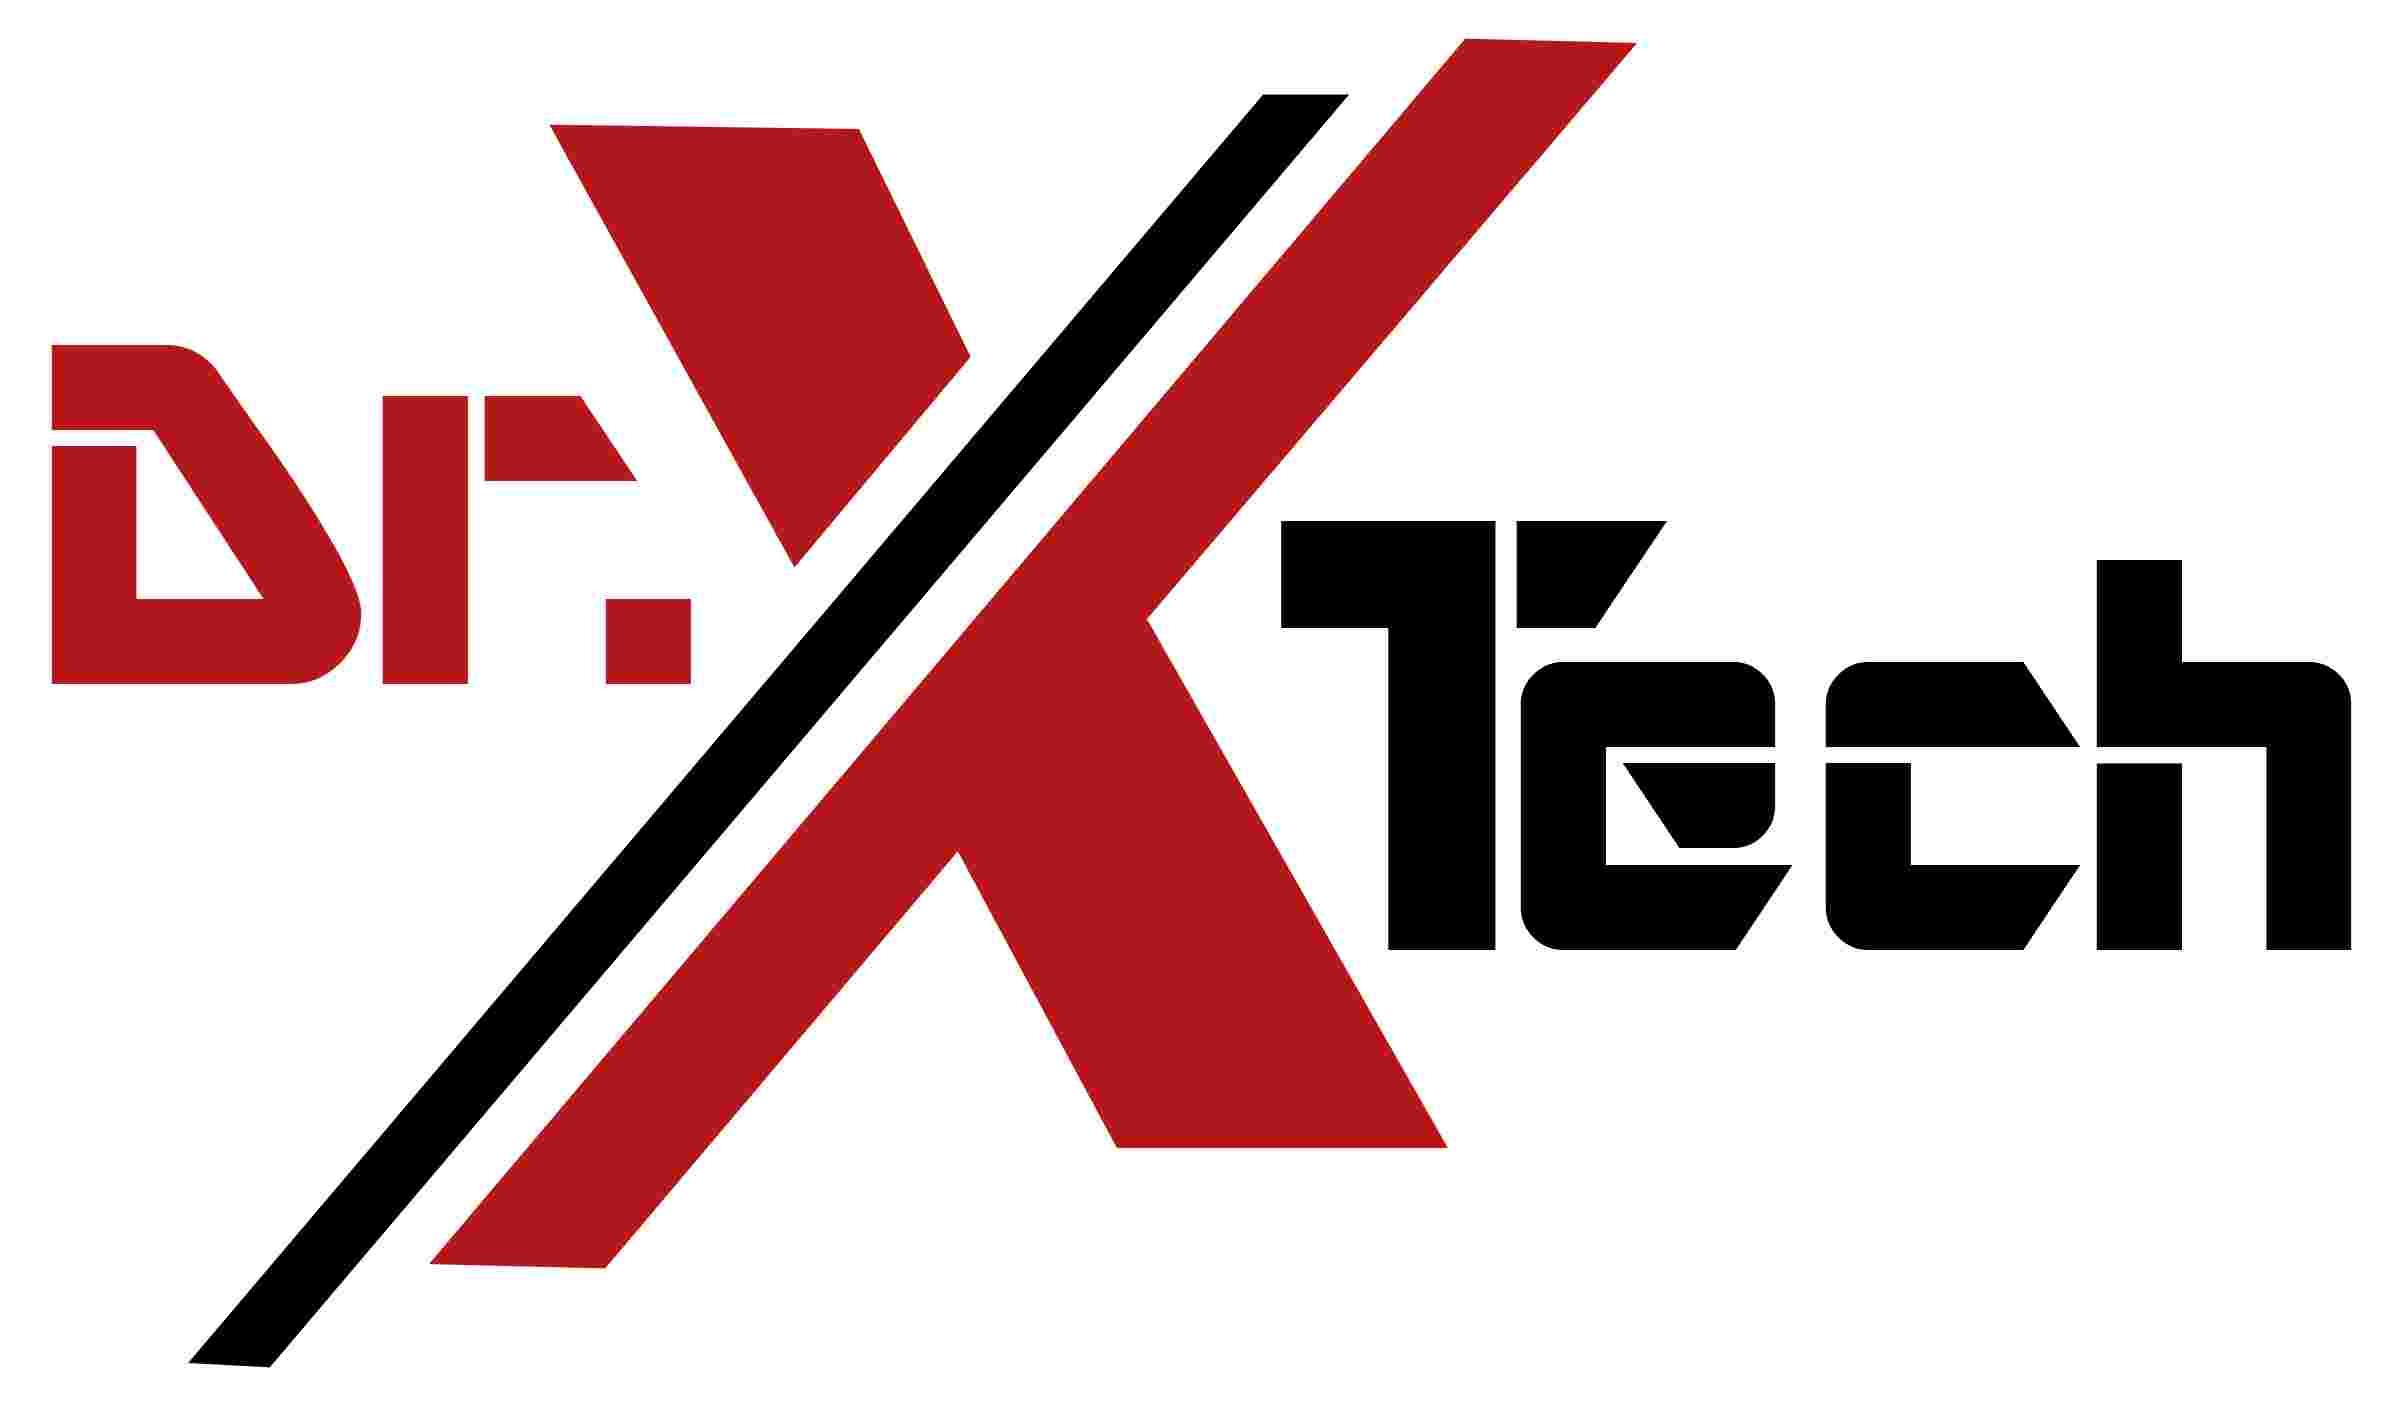 Digital repair & exchange technology